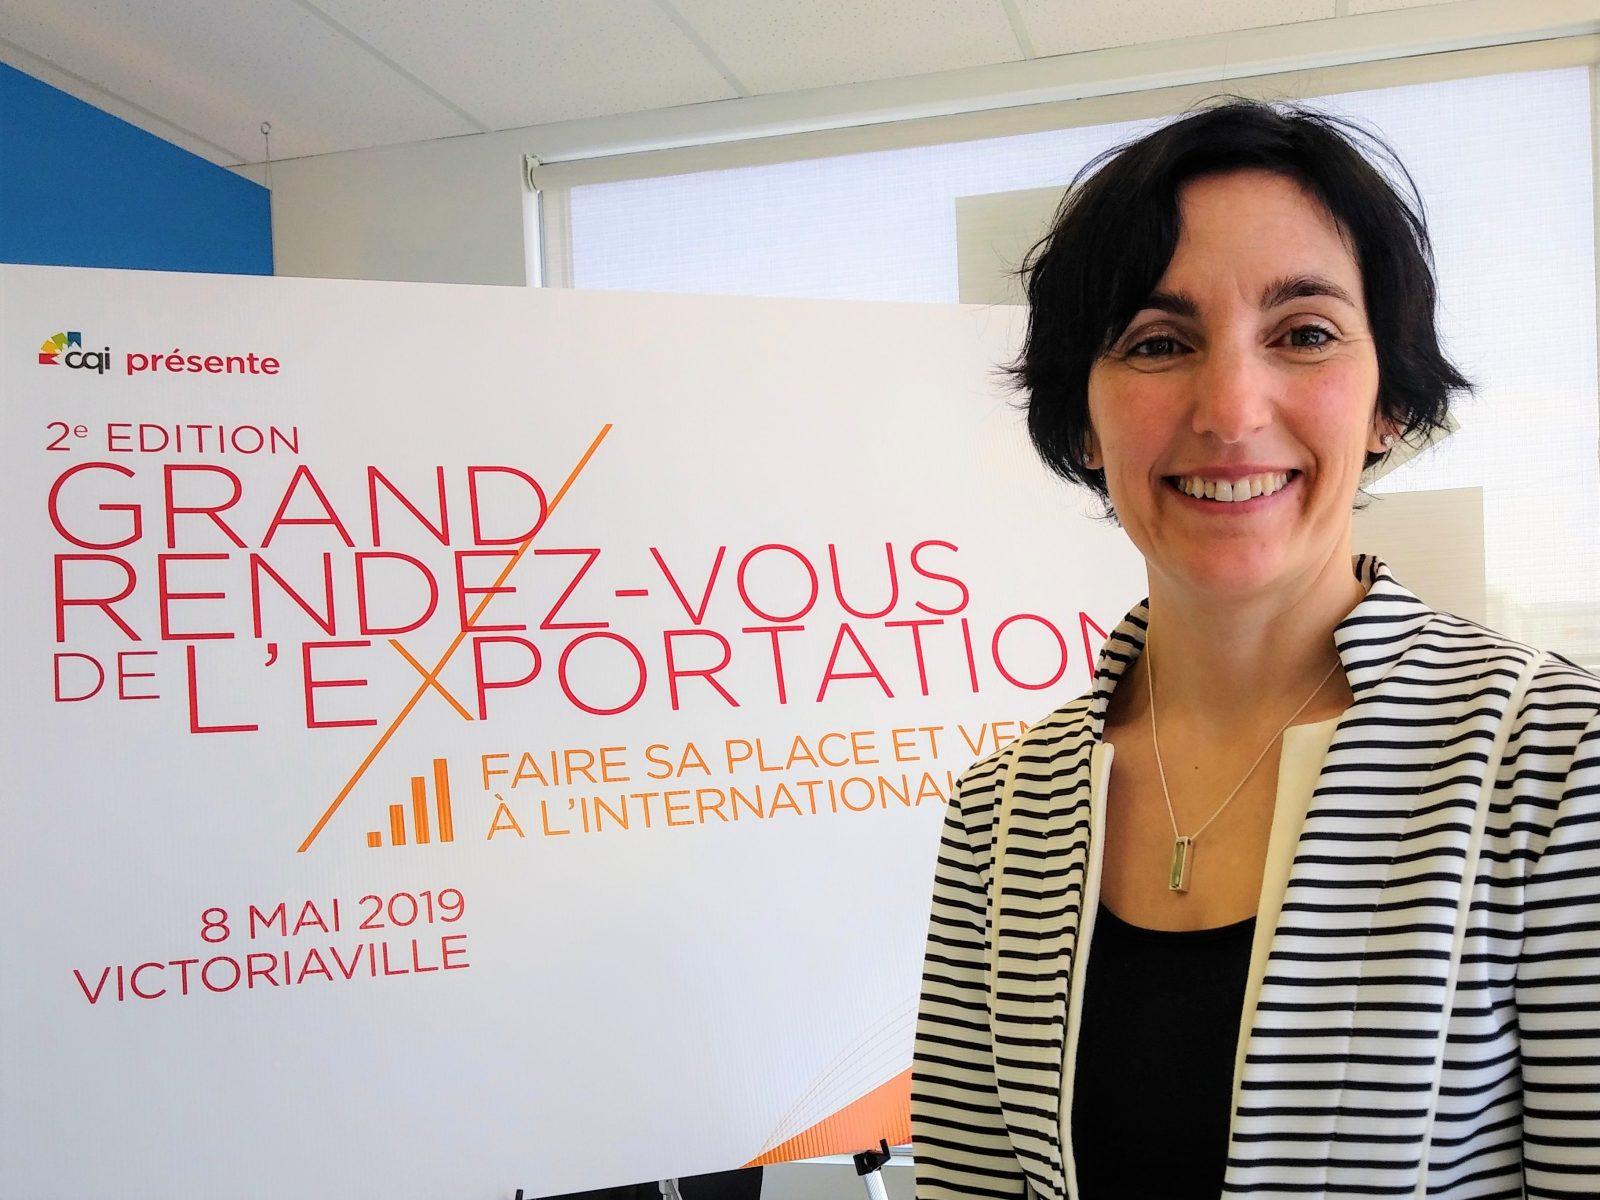 Carrefour Québec international invite les entrepreneurs au Grand rendez-vous de l'exportation